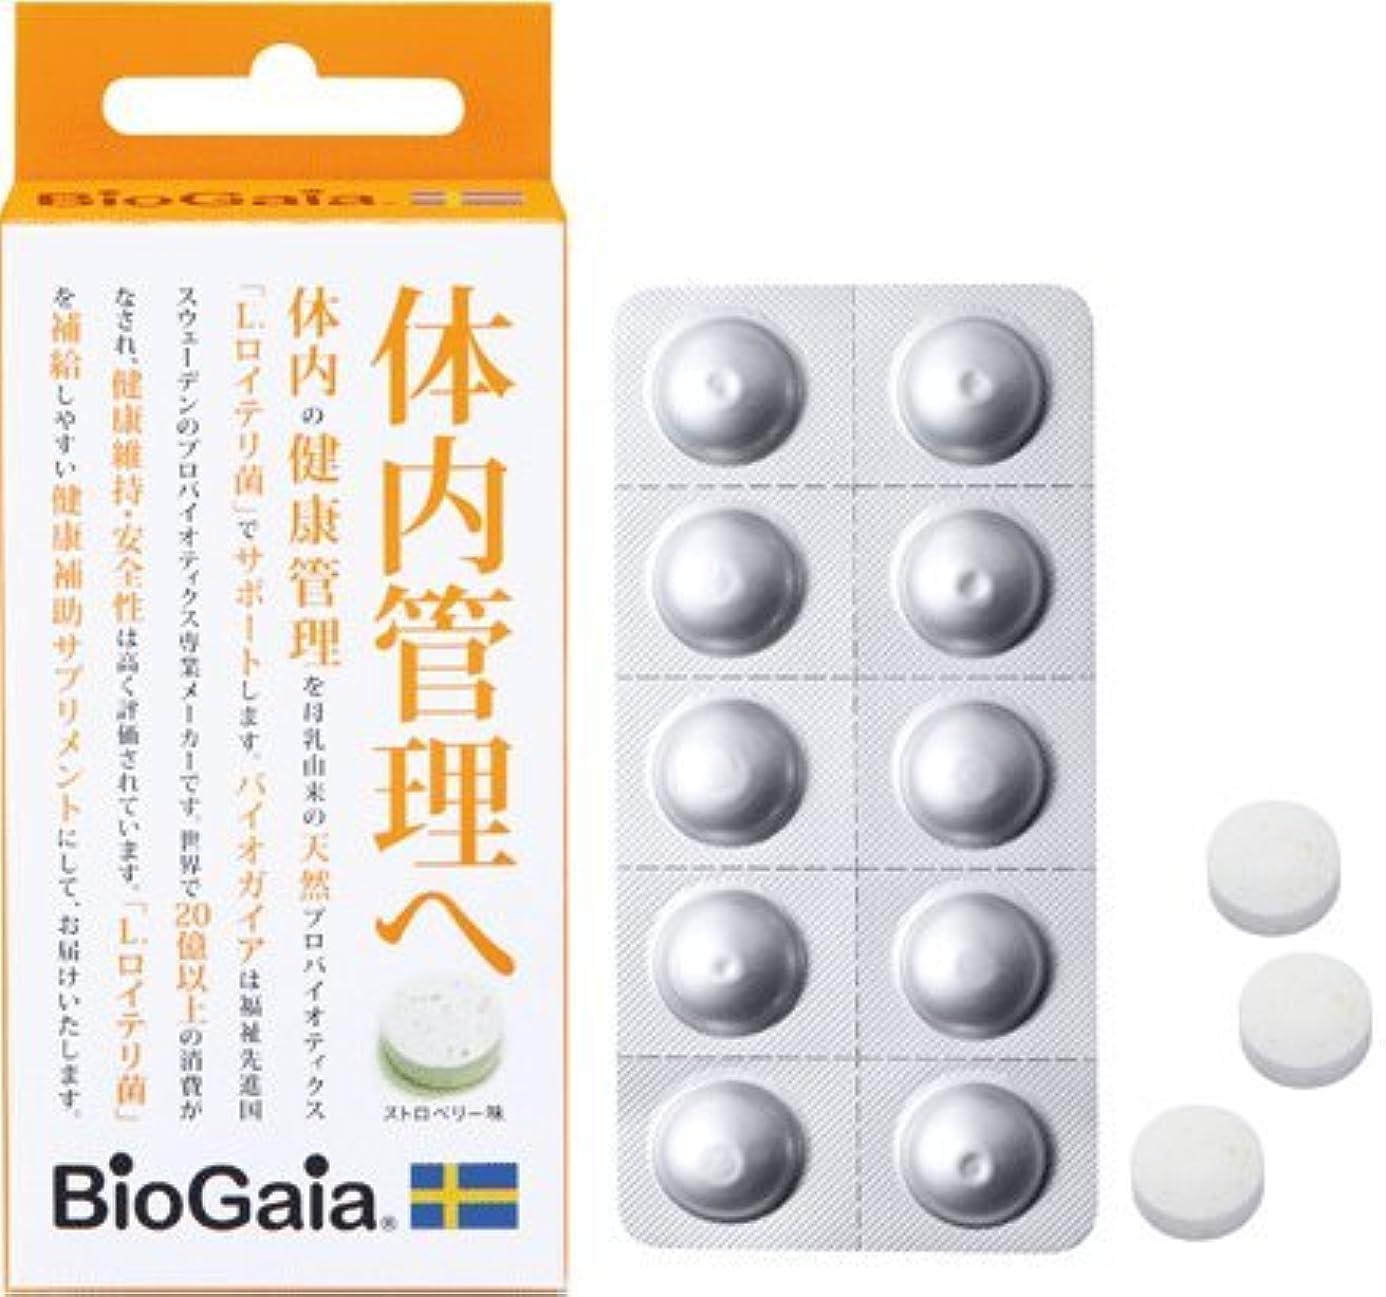 ビジネス程度示す体内管理 生きる乳酸菌(Lロイテリ菌) 30粒 ストロベリー味